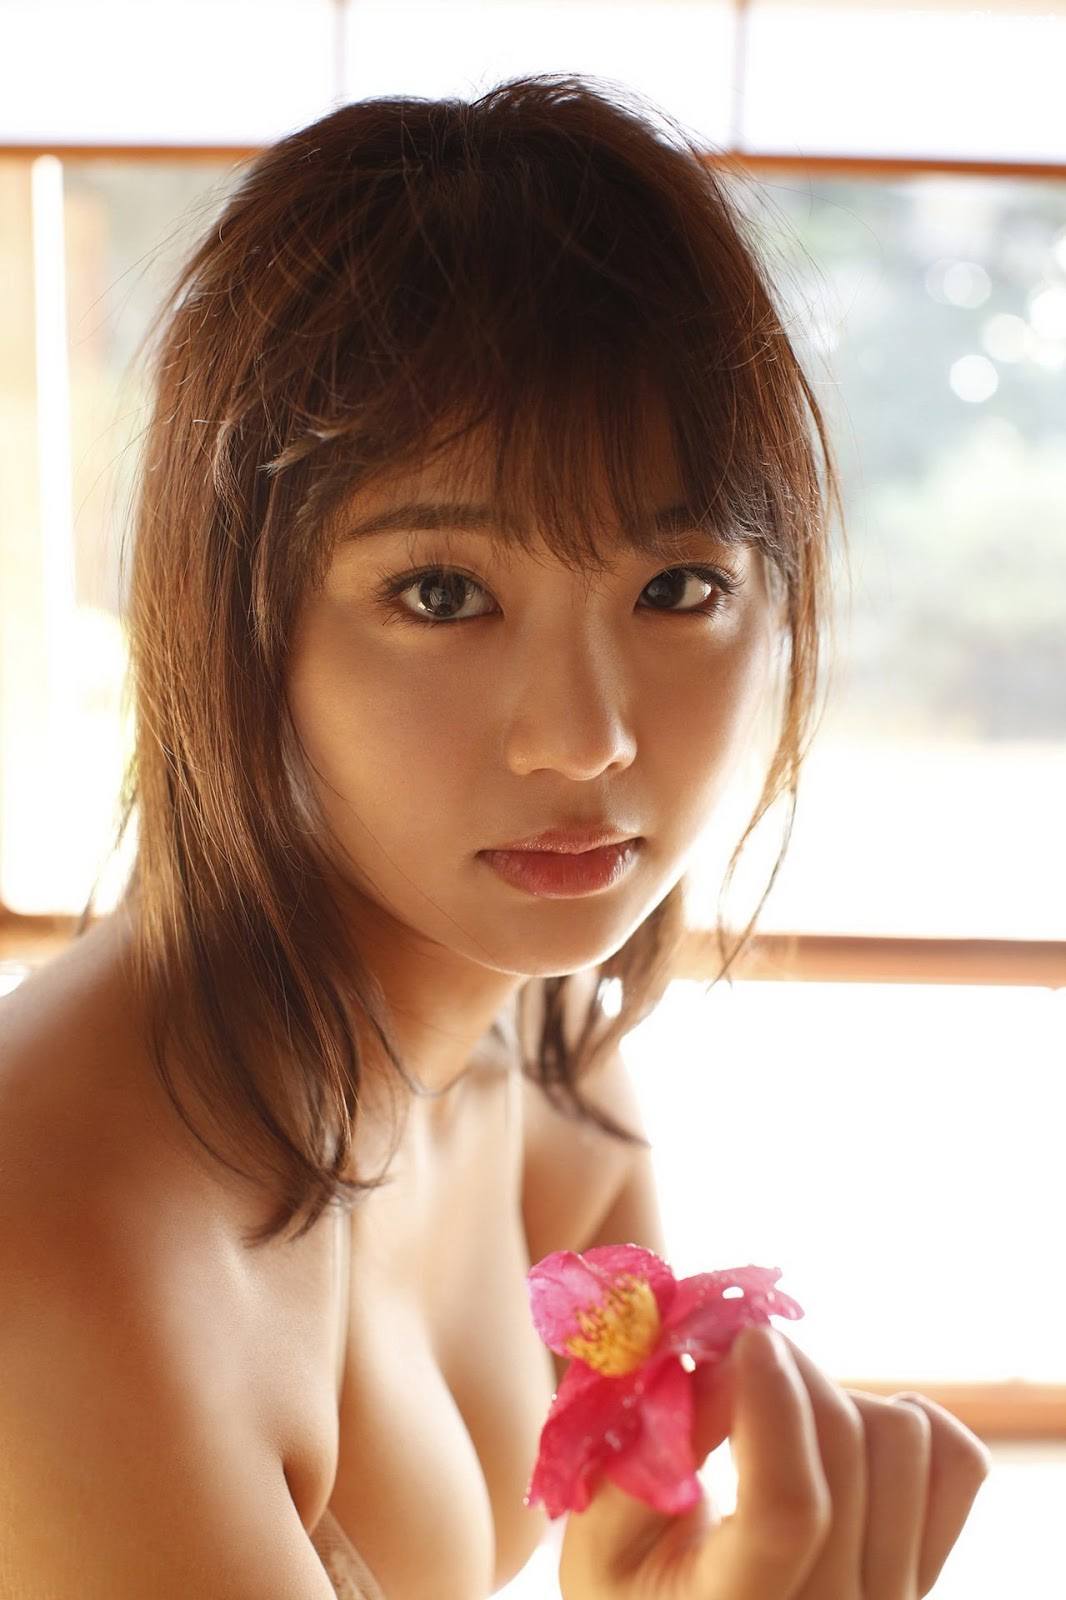 Image Japanese Tarento and Actress - Natsumi Hirajima - Attamaro - TruePic.net - Picture-6